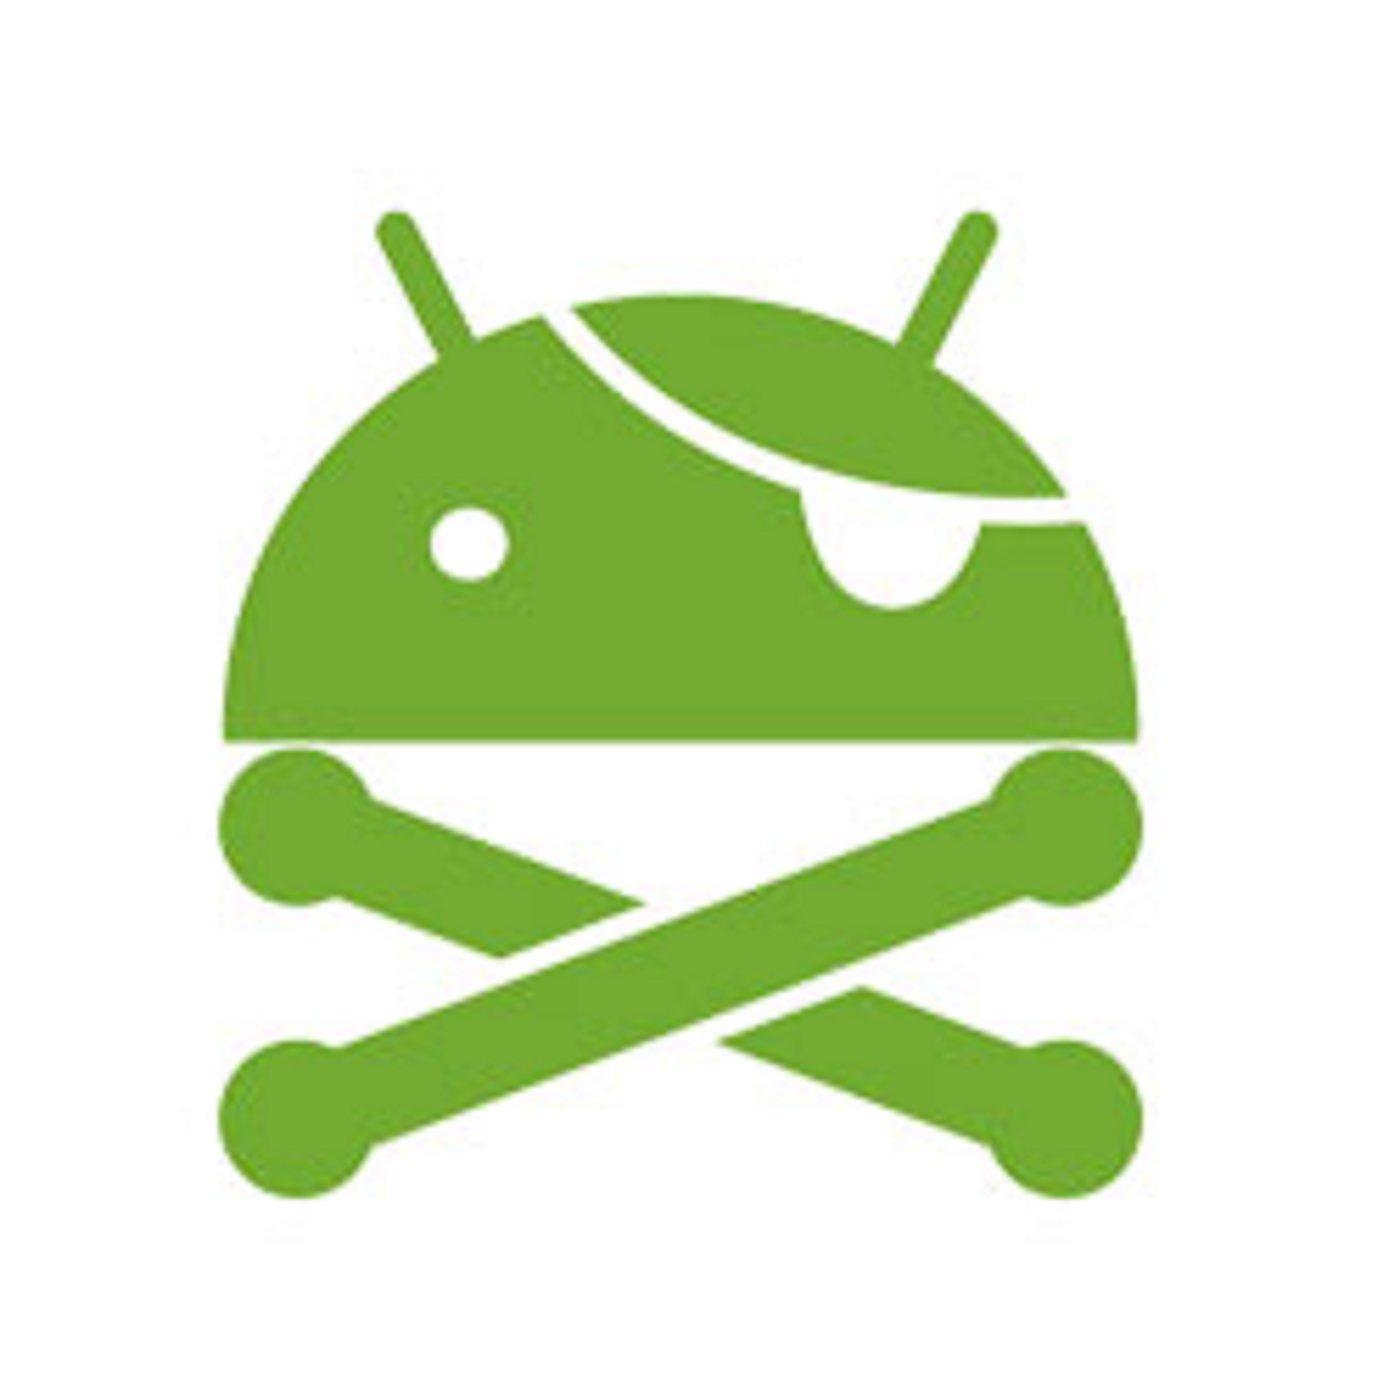 Logo de Predicneitor Geek